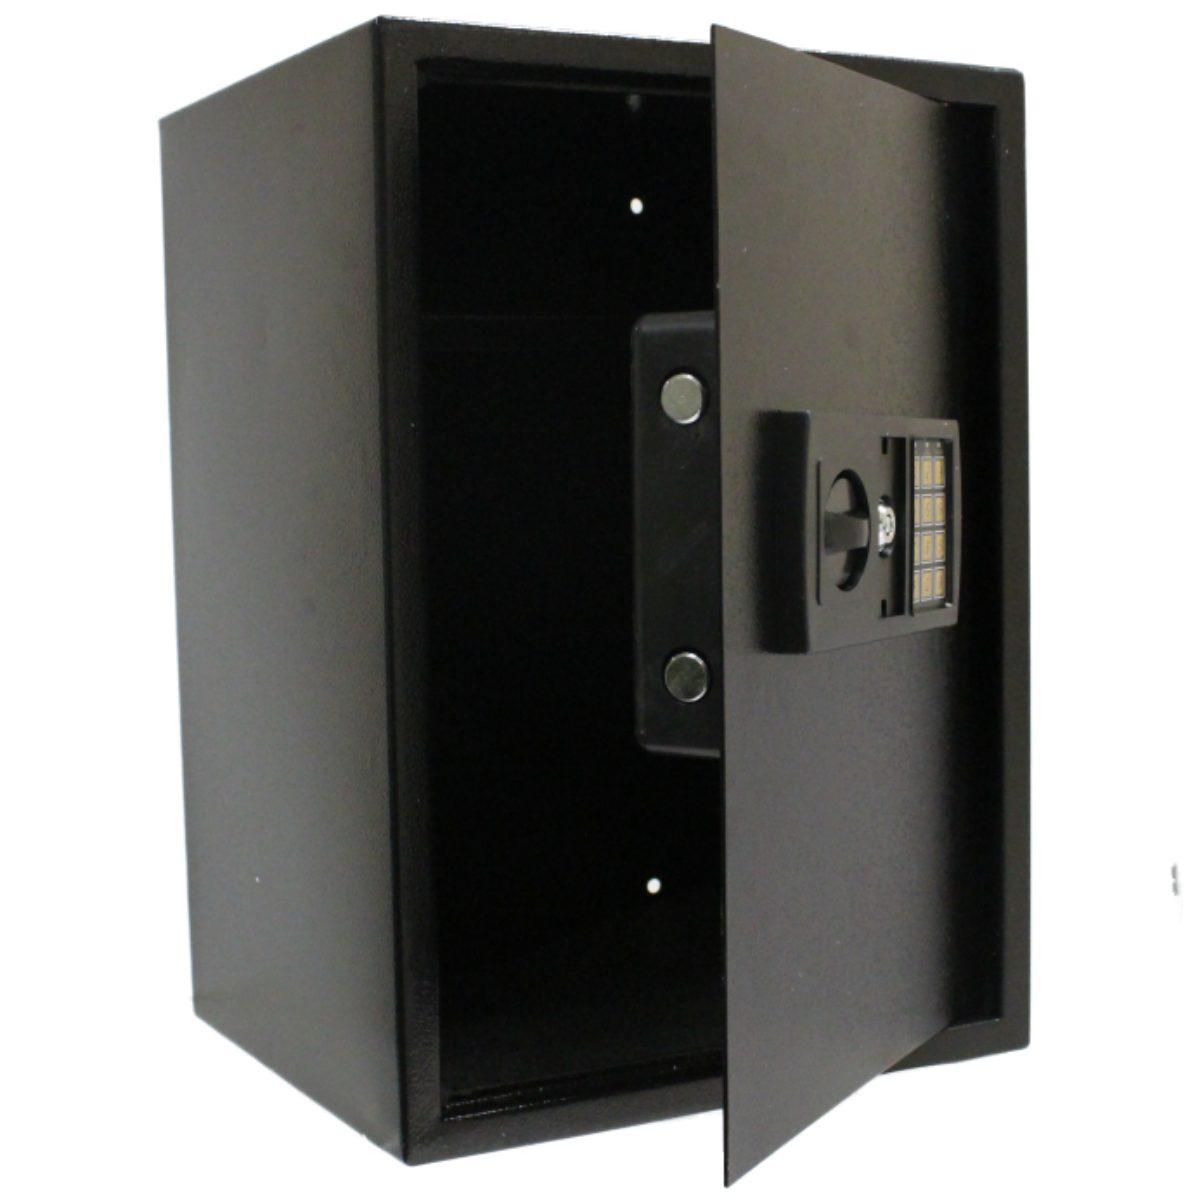 large black 350x310x500 steel home security safe electronic digital keypad lo. Black Bedroom Furniture Sets. Home Design Ideas